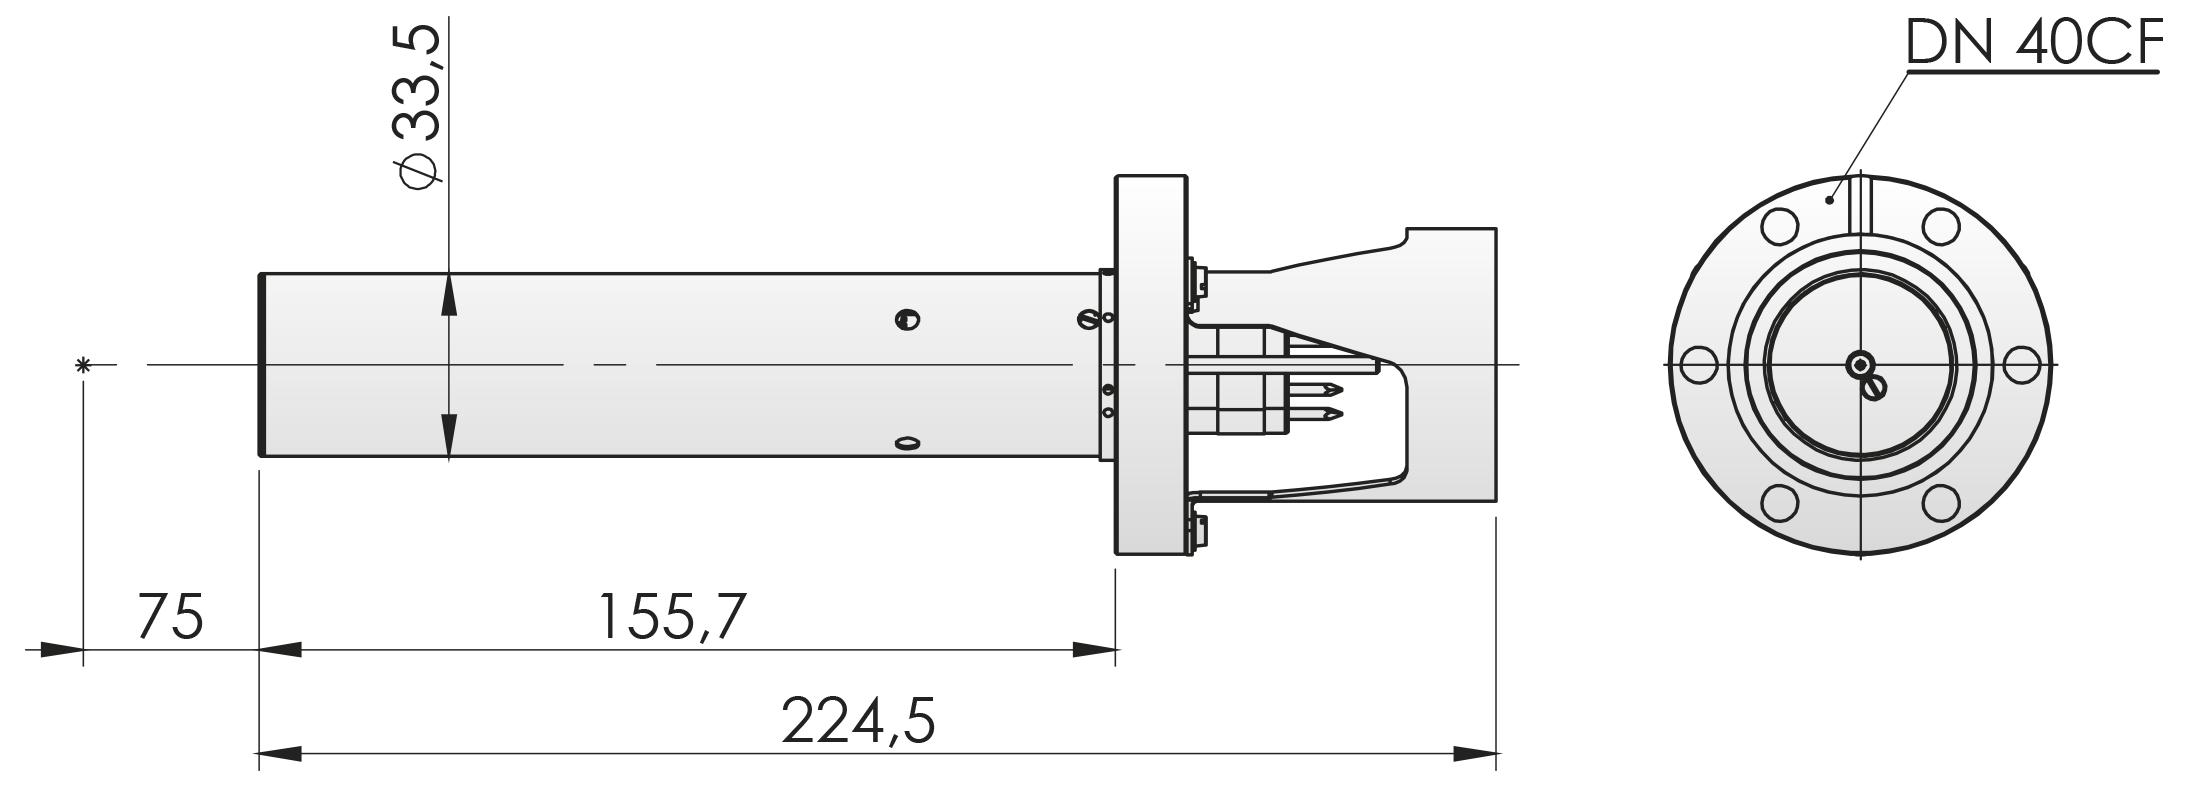 ES 40C1